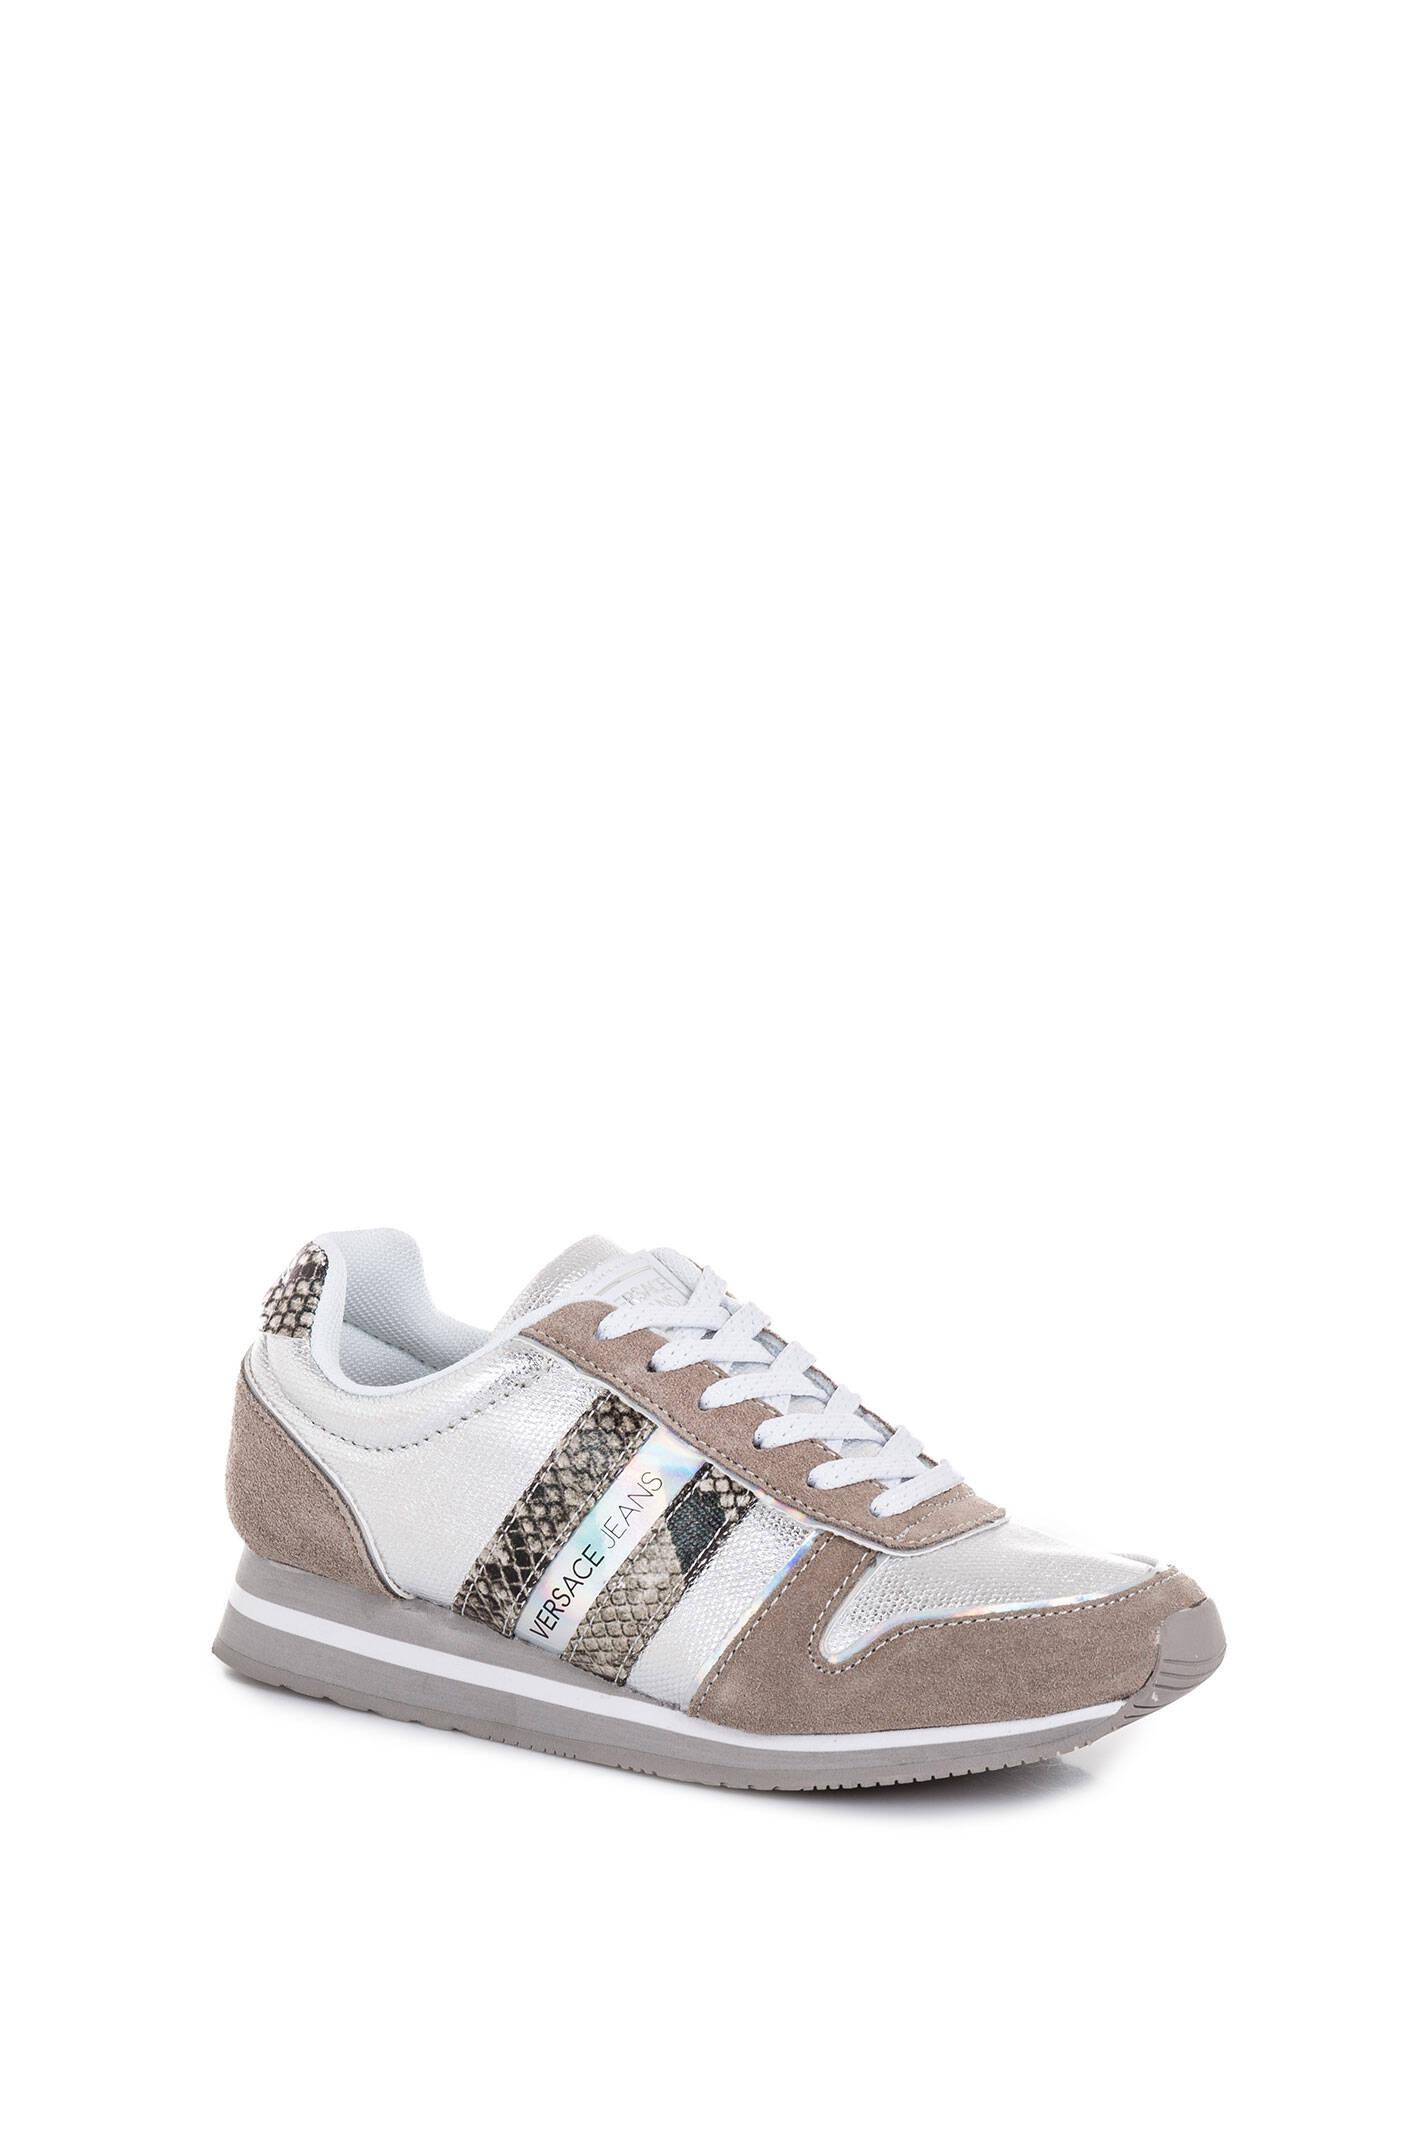 dbee71b14e4 Sneakers Versace Jeans   Silver   Gomez.pl/en